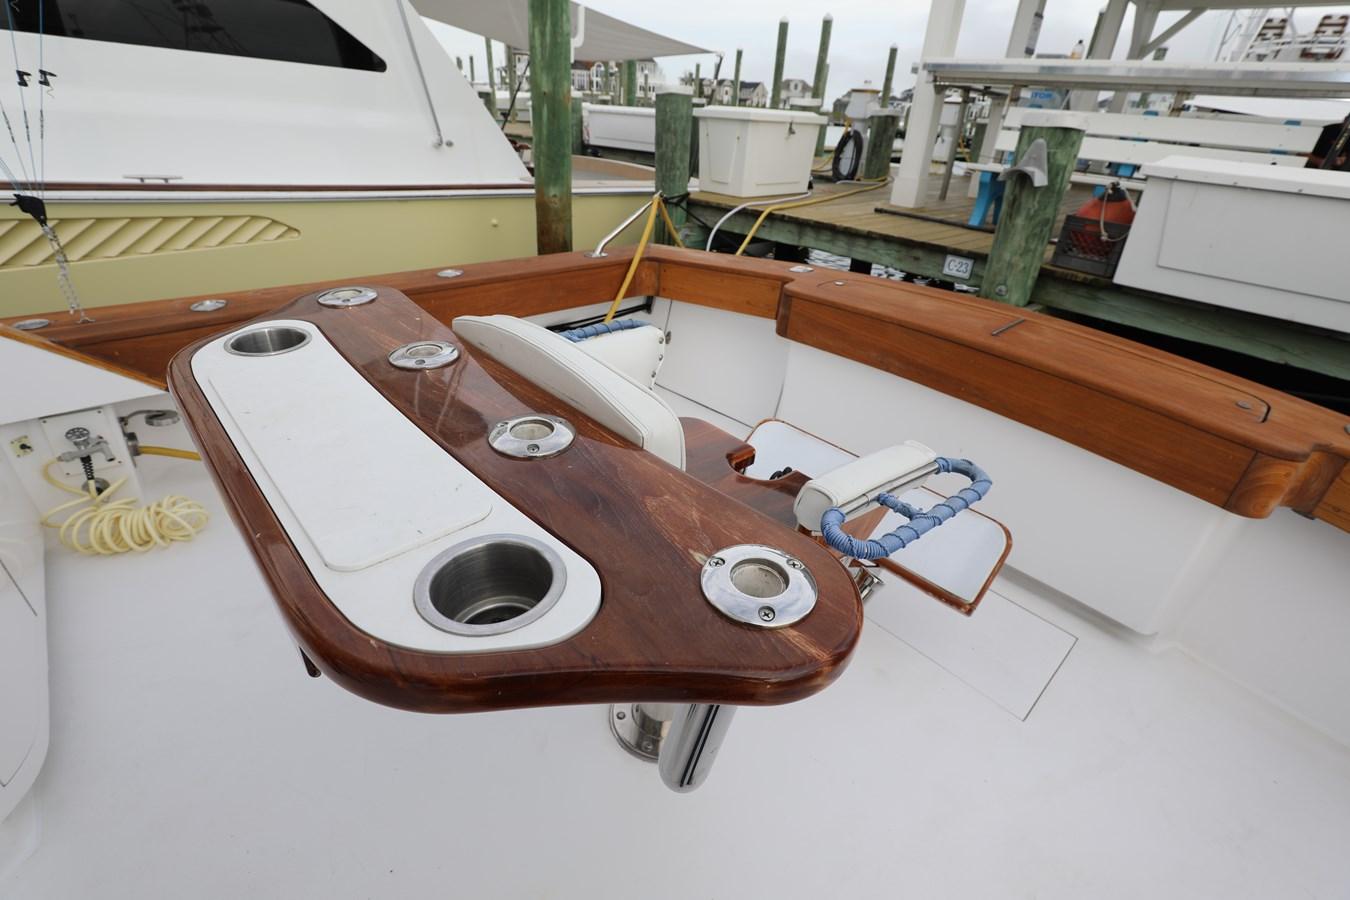 0L7A8819 2008 GILLIKIN  Sport Fisherman 2753201